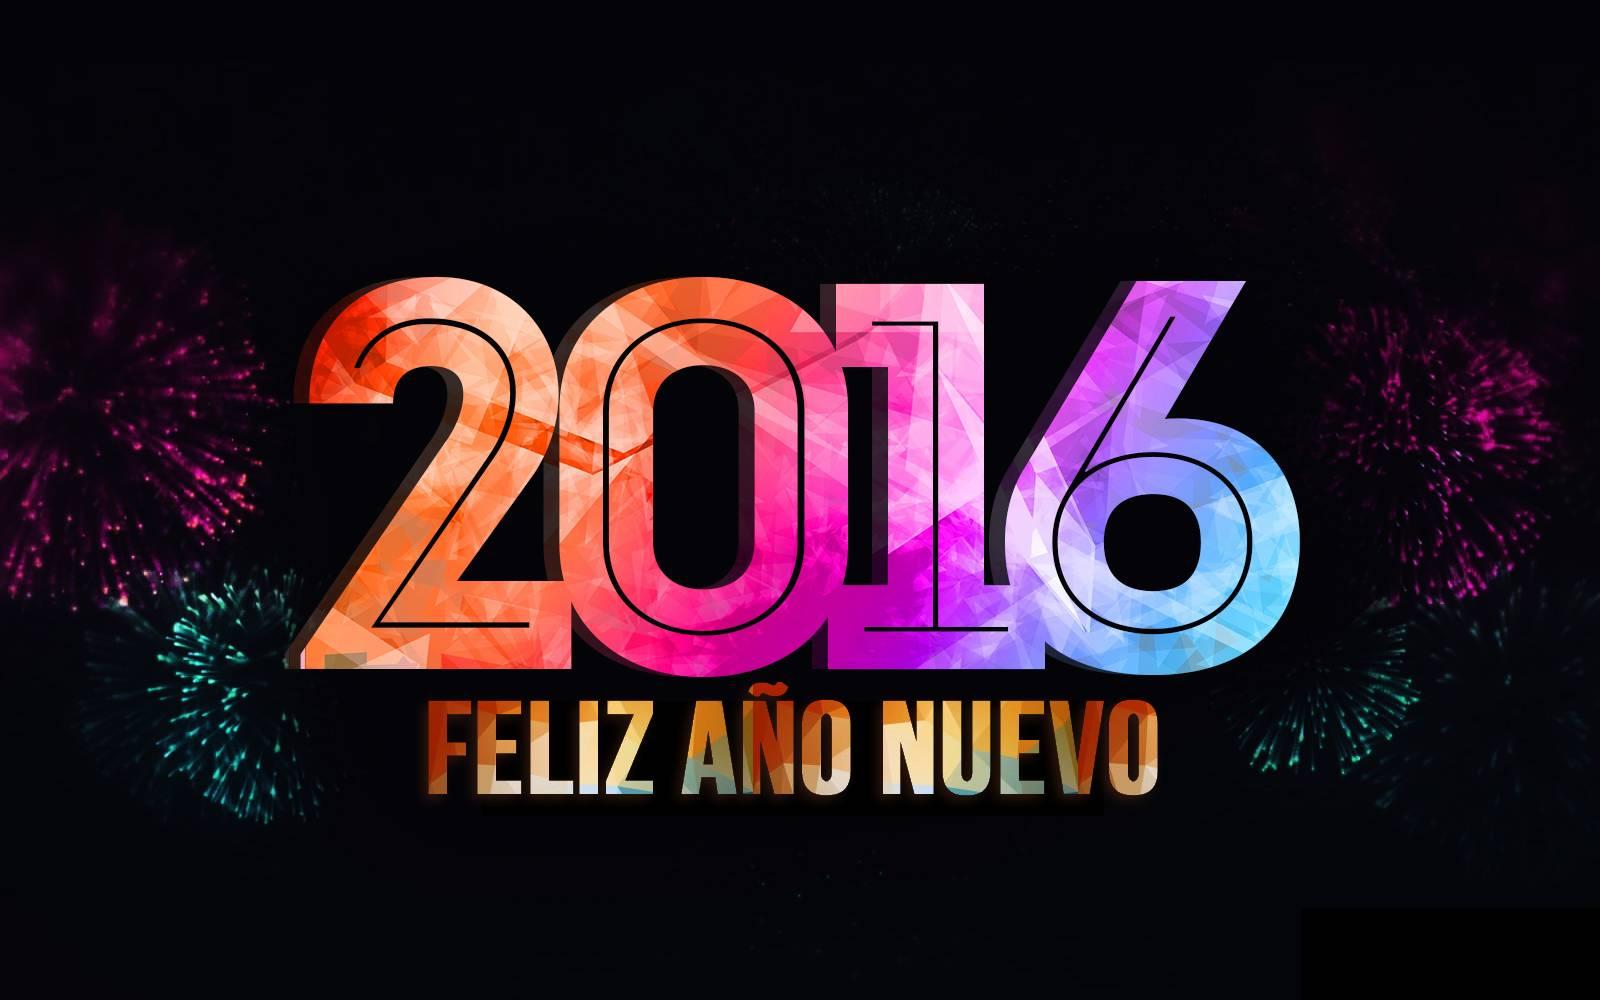 Feliz Año Nuevo 2017 Frases, Imágenes